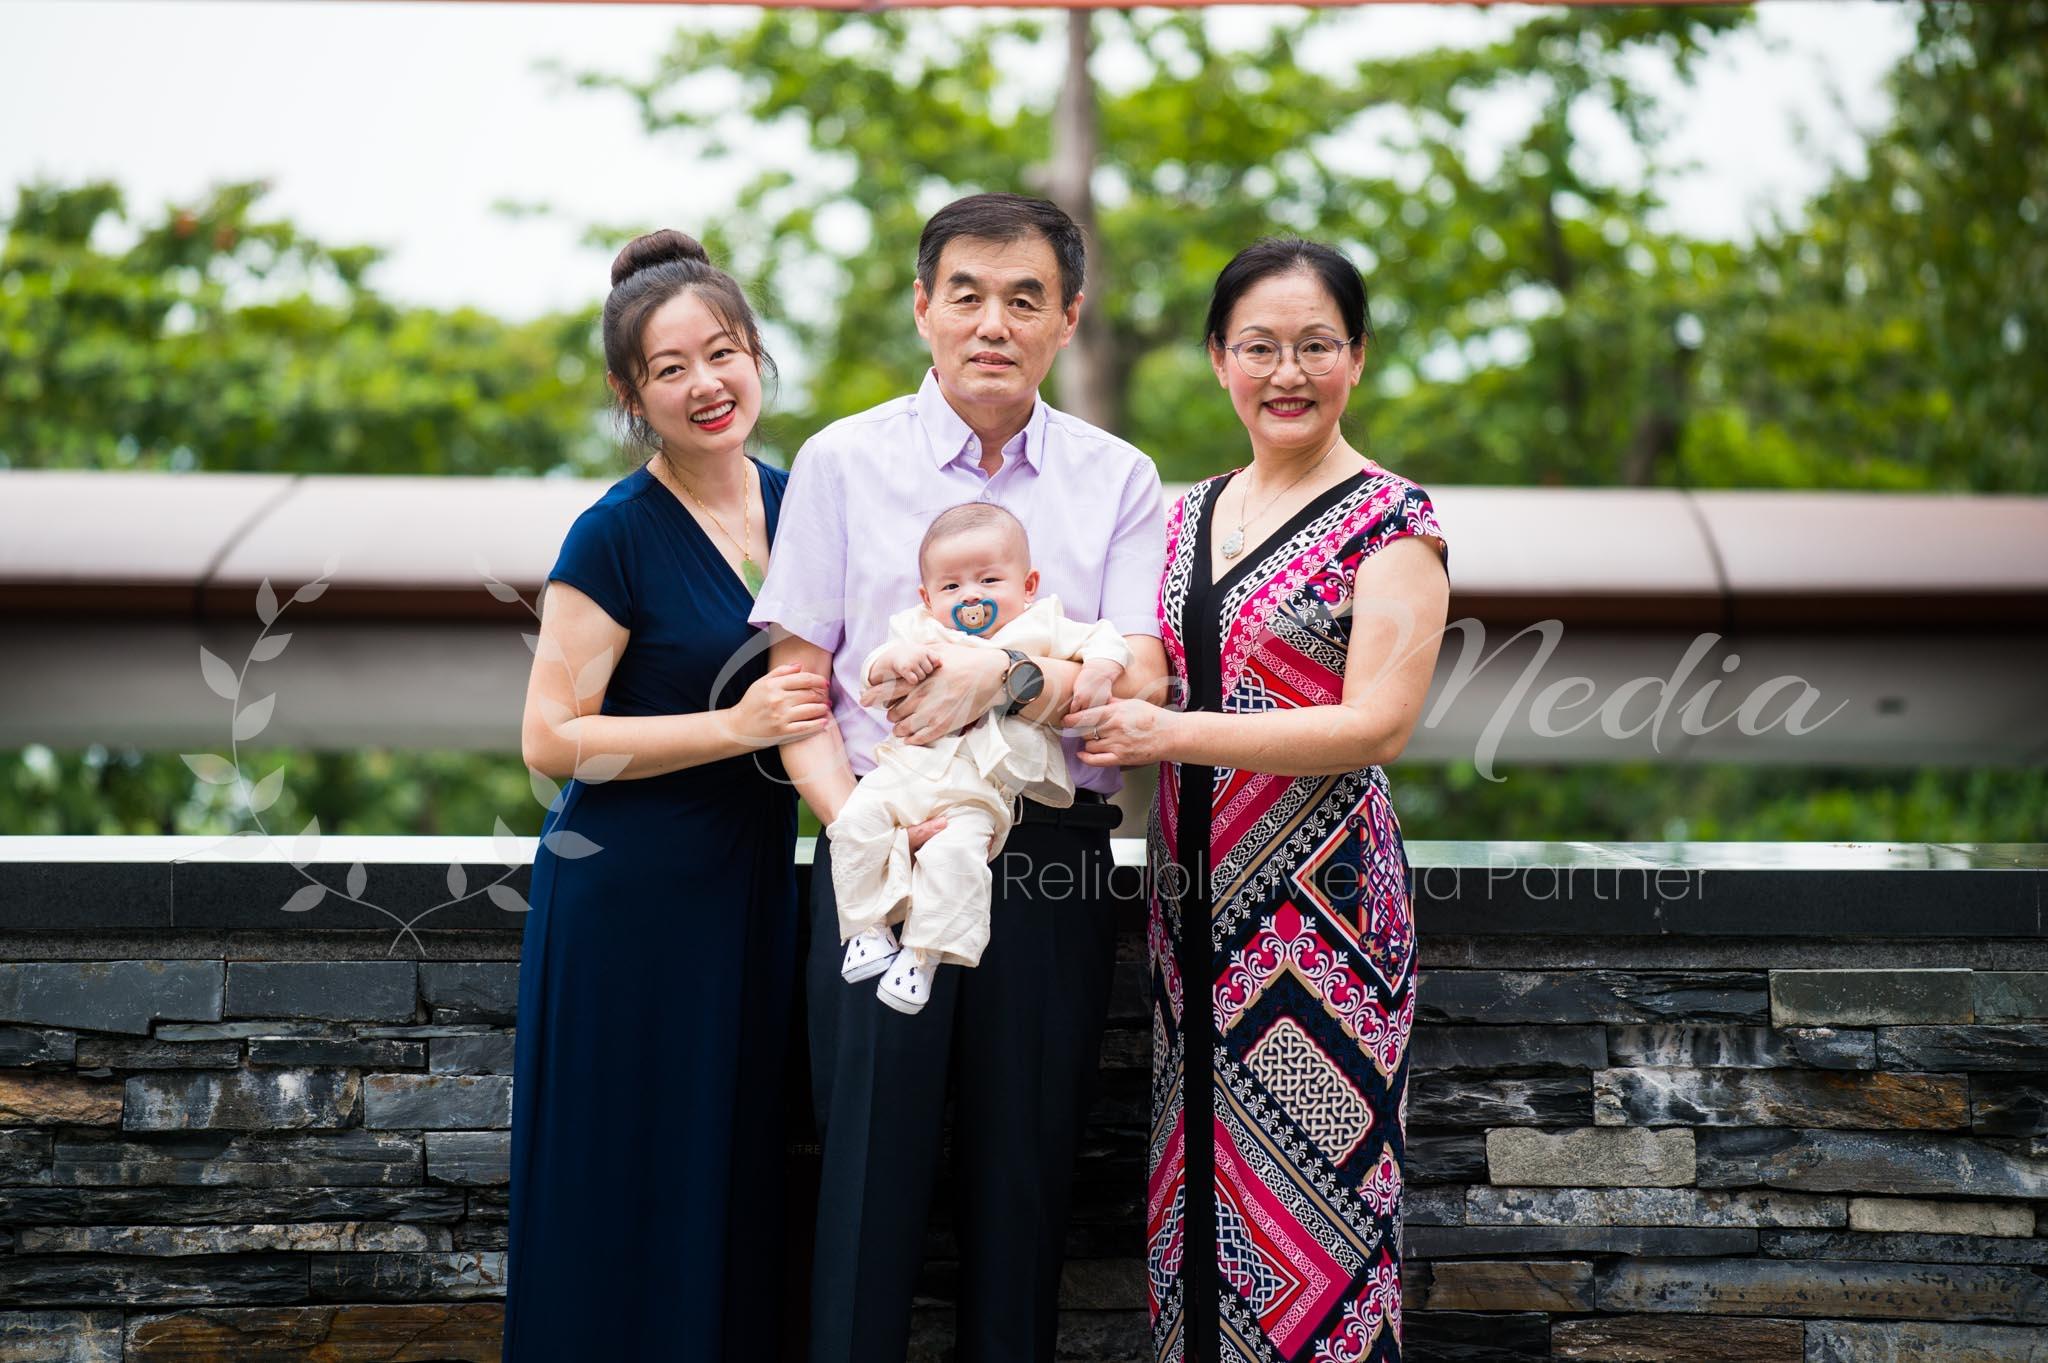 Freelance Photographer Singapore | Family Outdoor Photoshoot Singapore